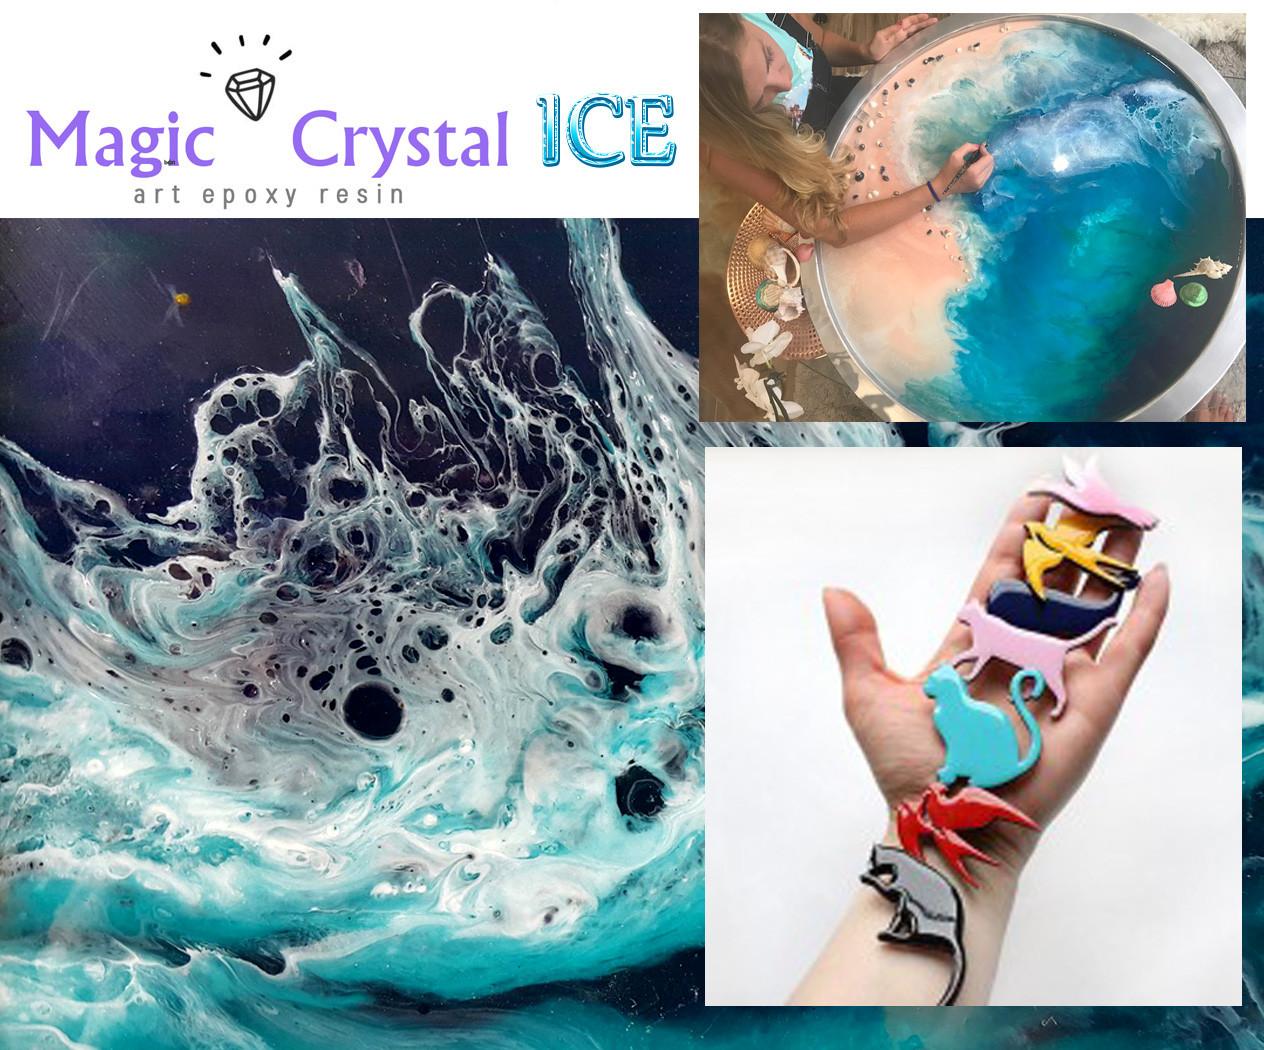 Смола MagicCrystal ICE высокопрозрачная, для картин и глазури, молдов.Быстросохнущая (Франция) Уп. 572 г